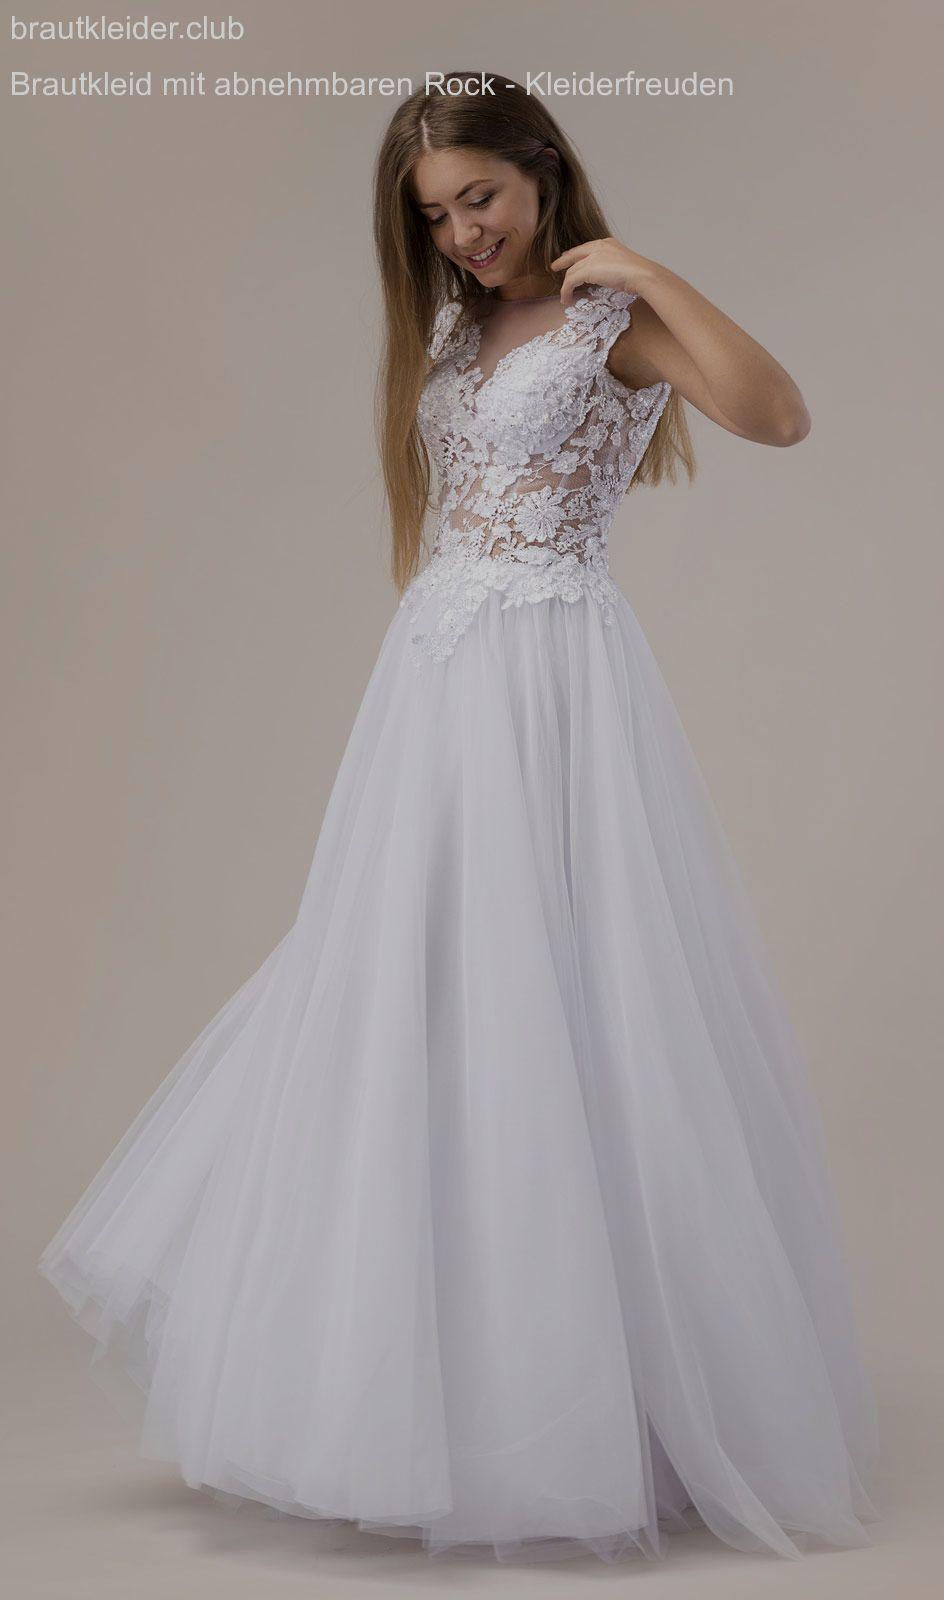 Brautkleid mit abnehmbaren Rock - Kleiderfreuden  Wedding dresses